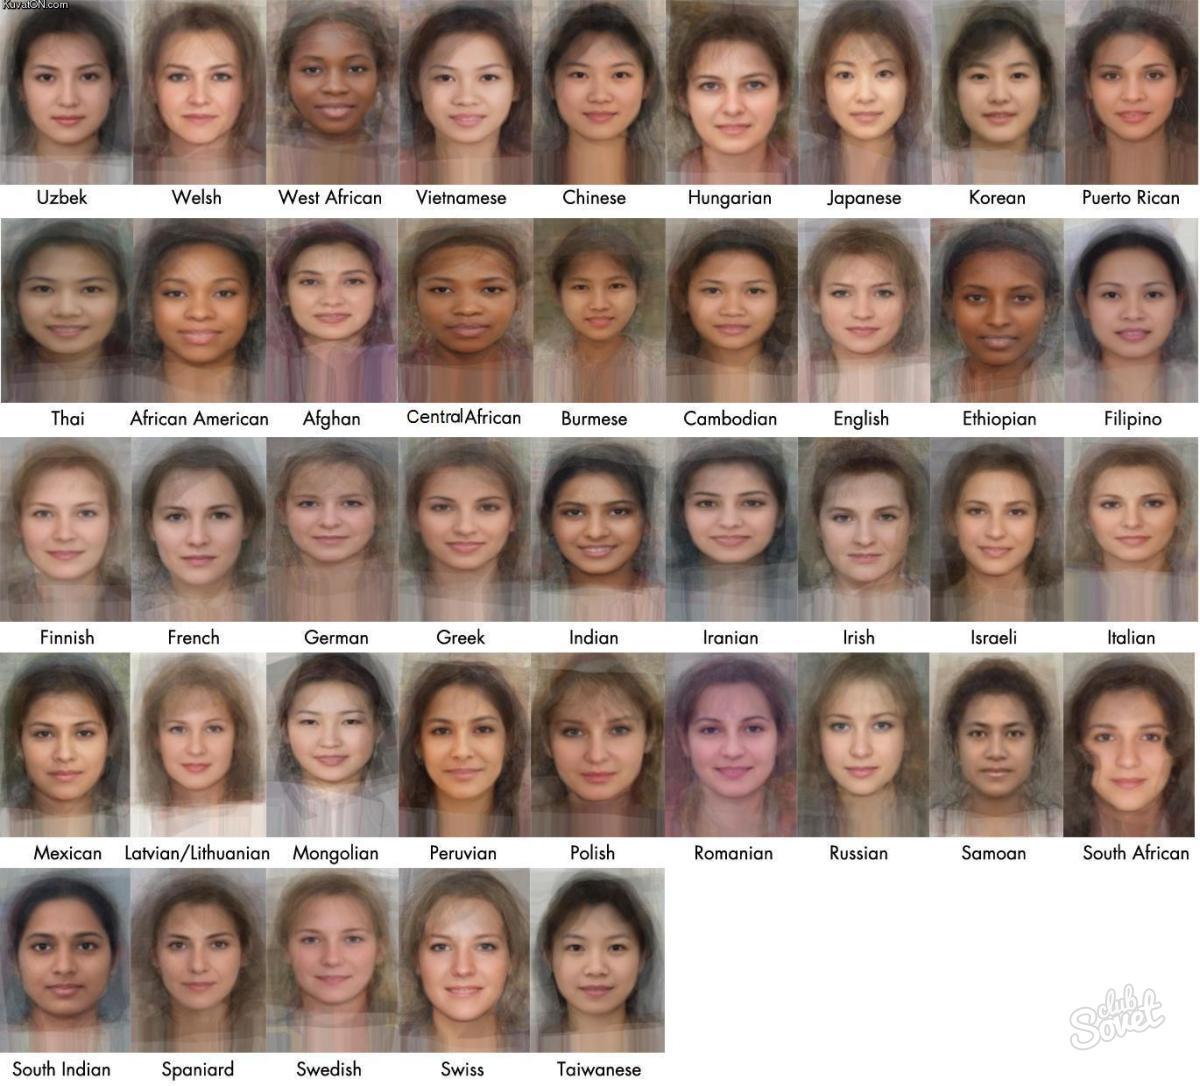 определение национальности по фото